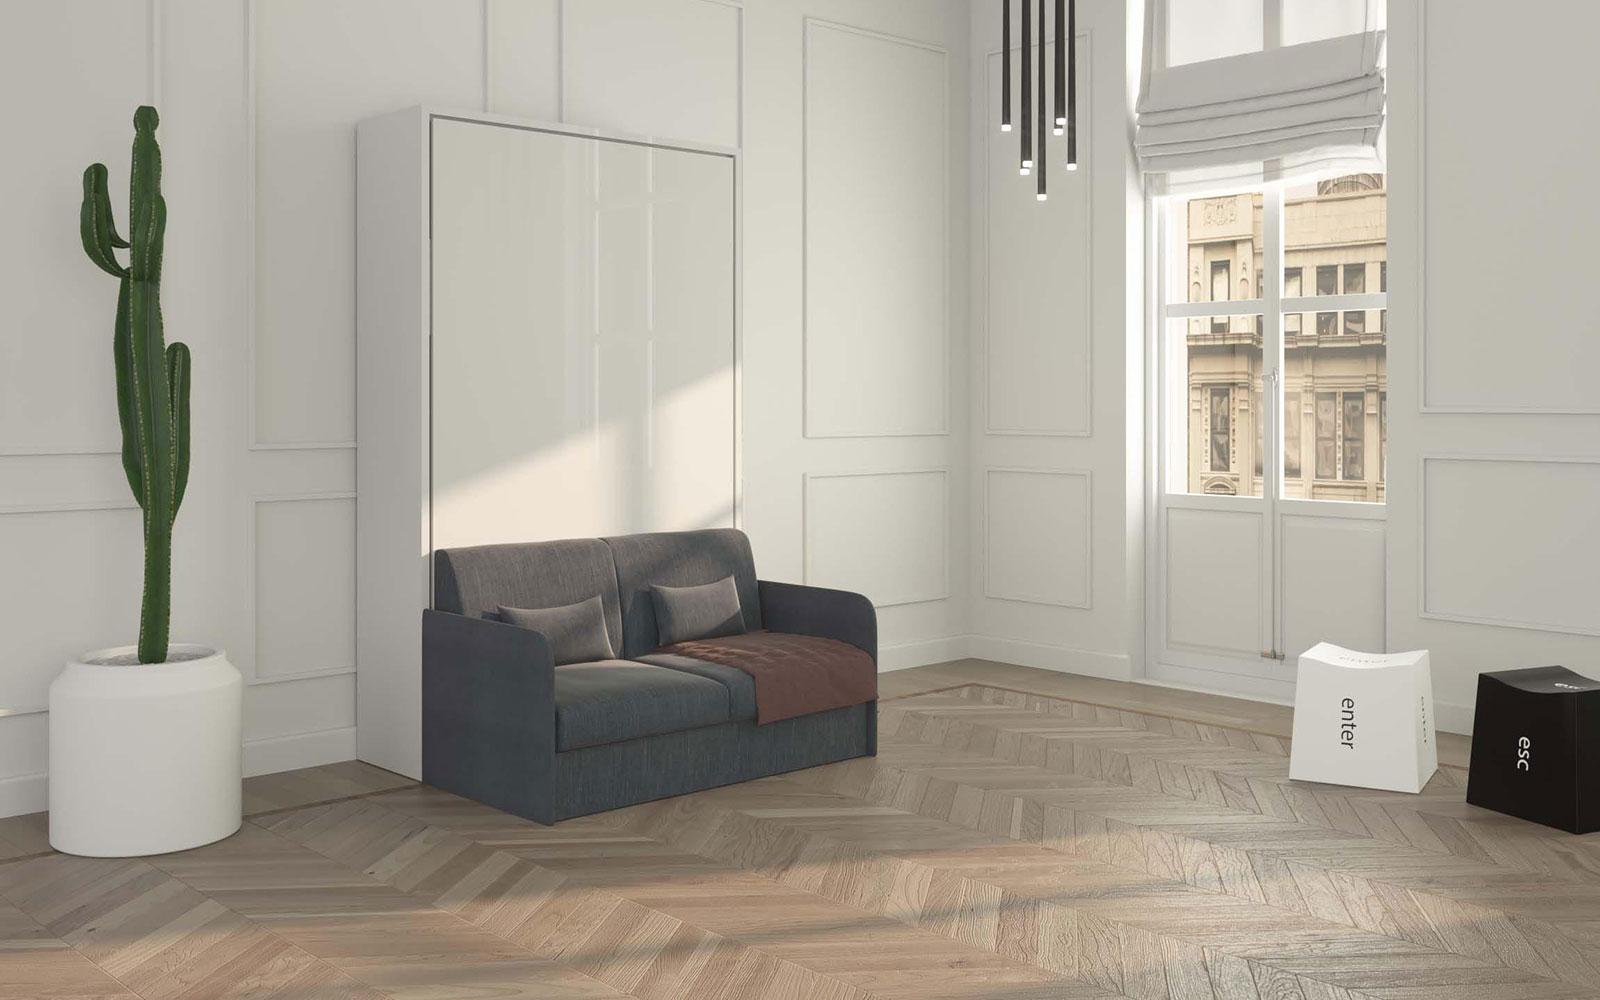 Piuma sofa 120 letto a scomparsa piazza e mezzo con divano for Letto a scomparsa con divano